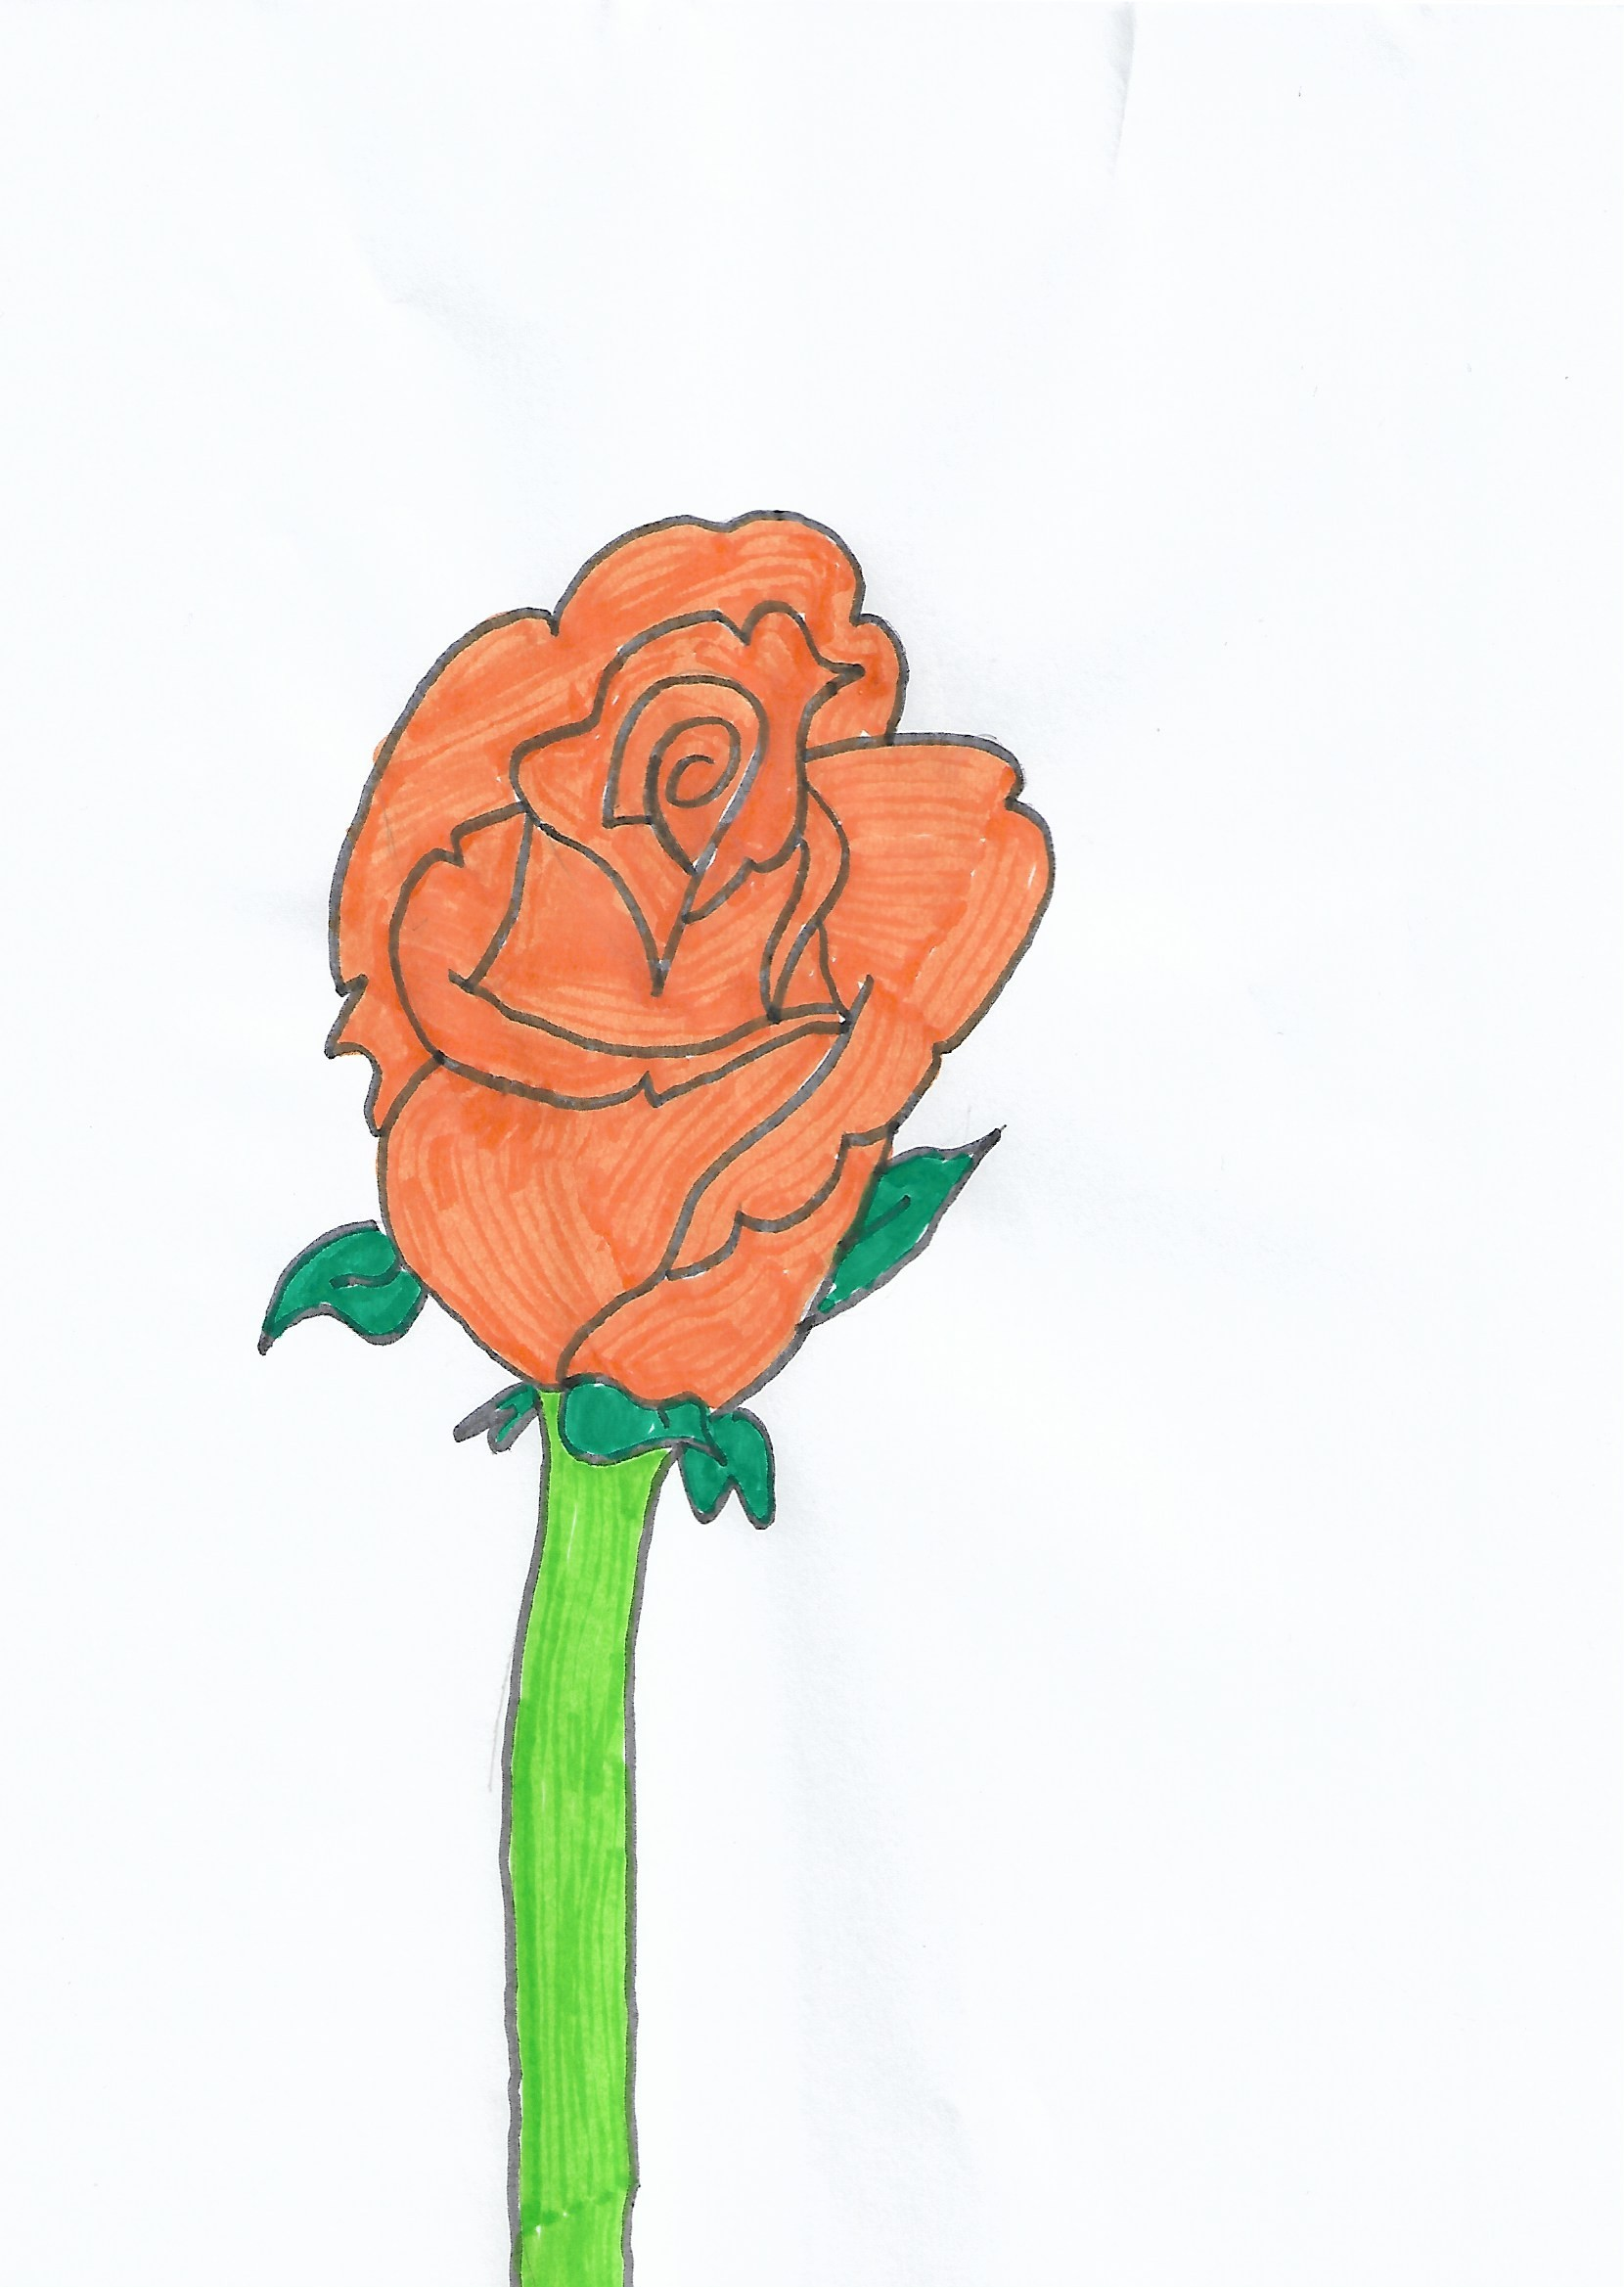 Evan rosay